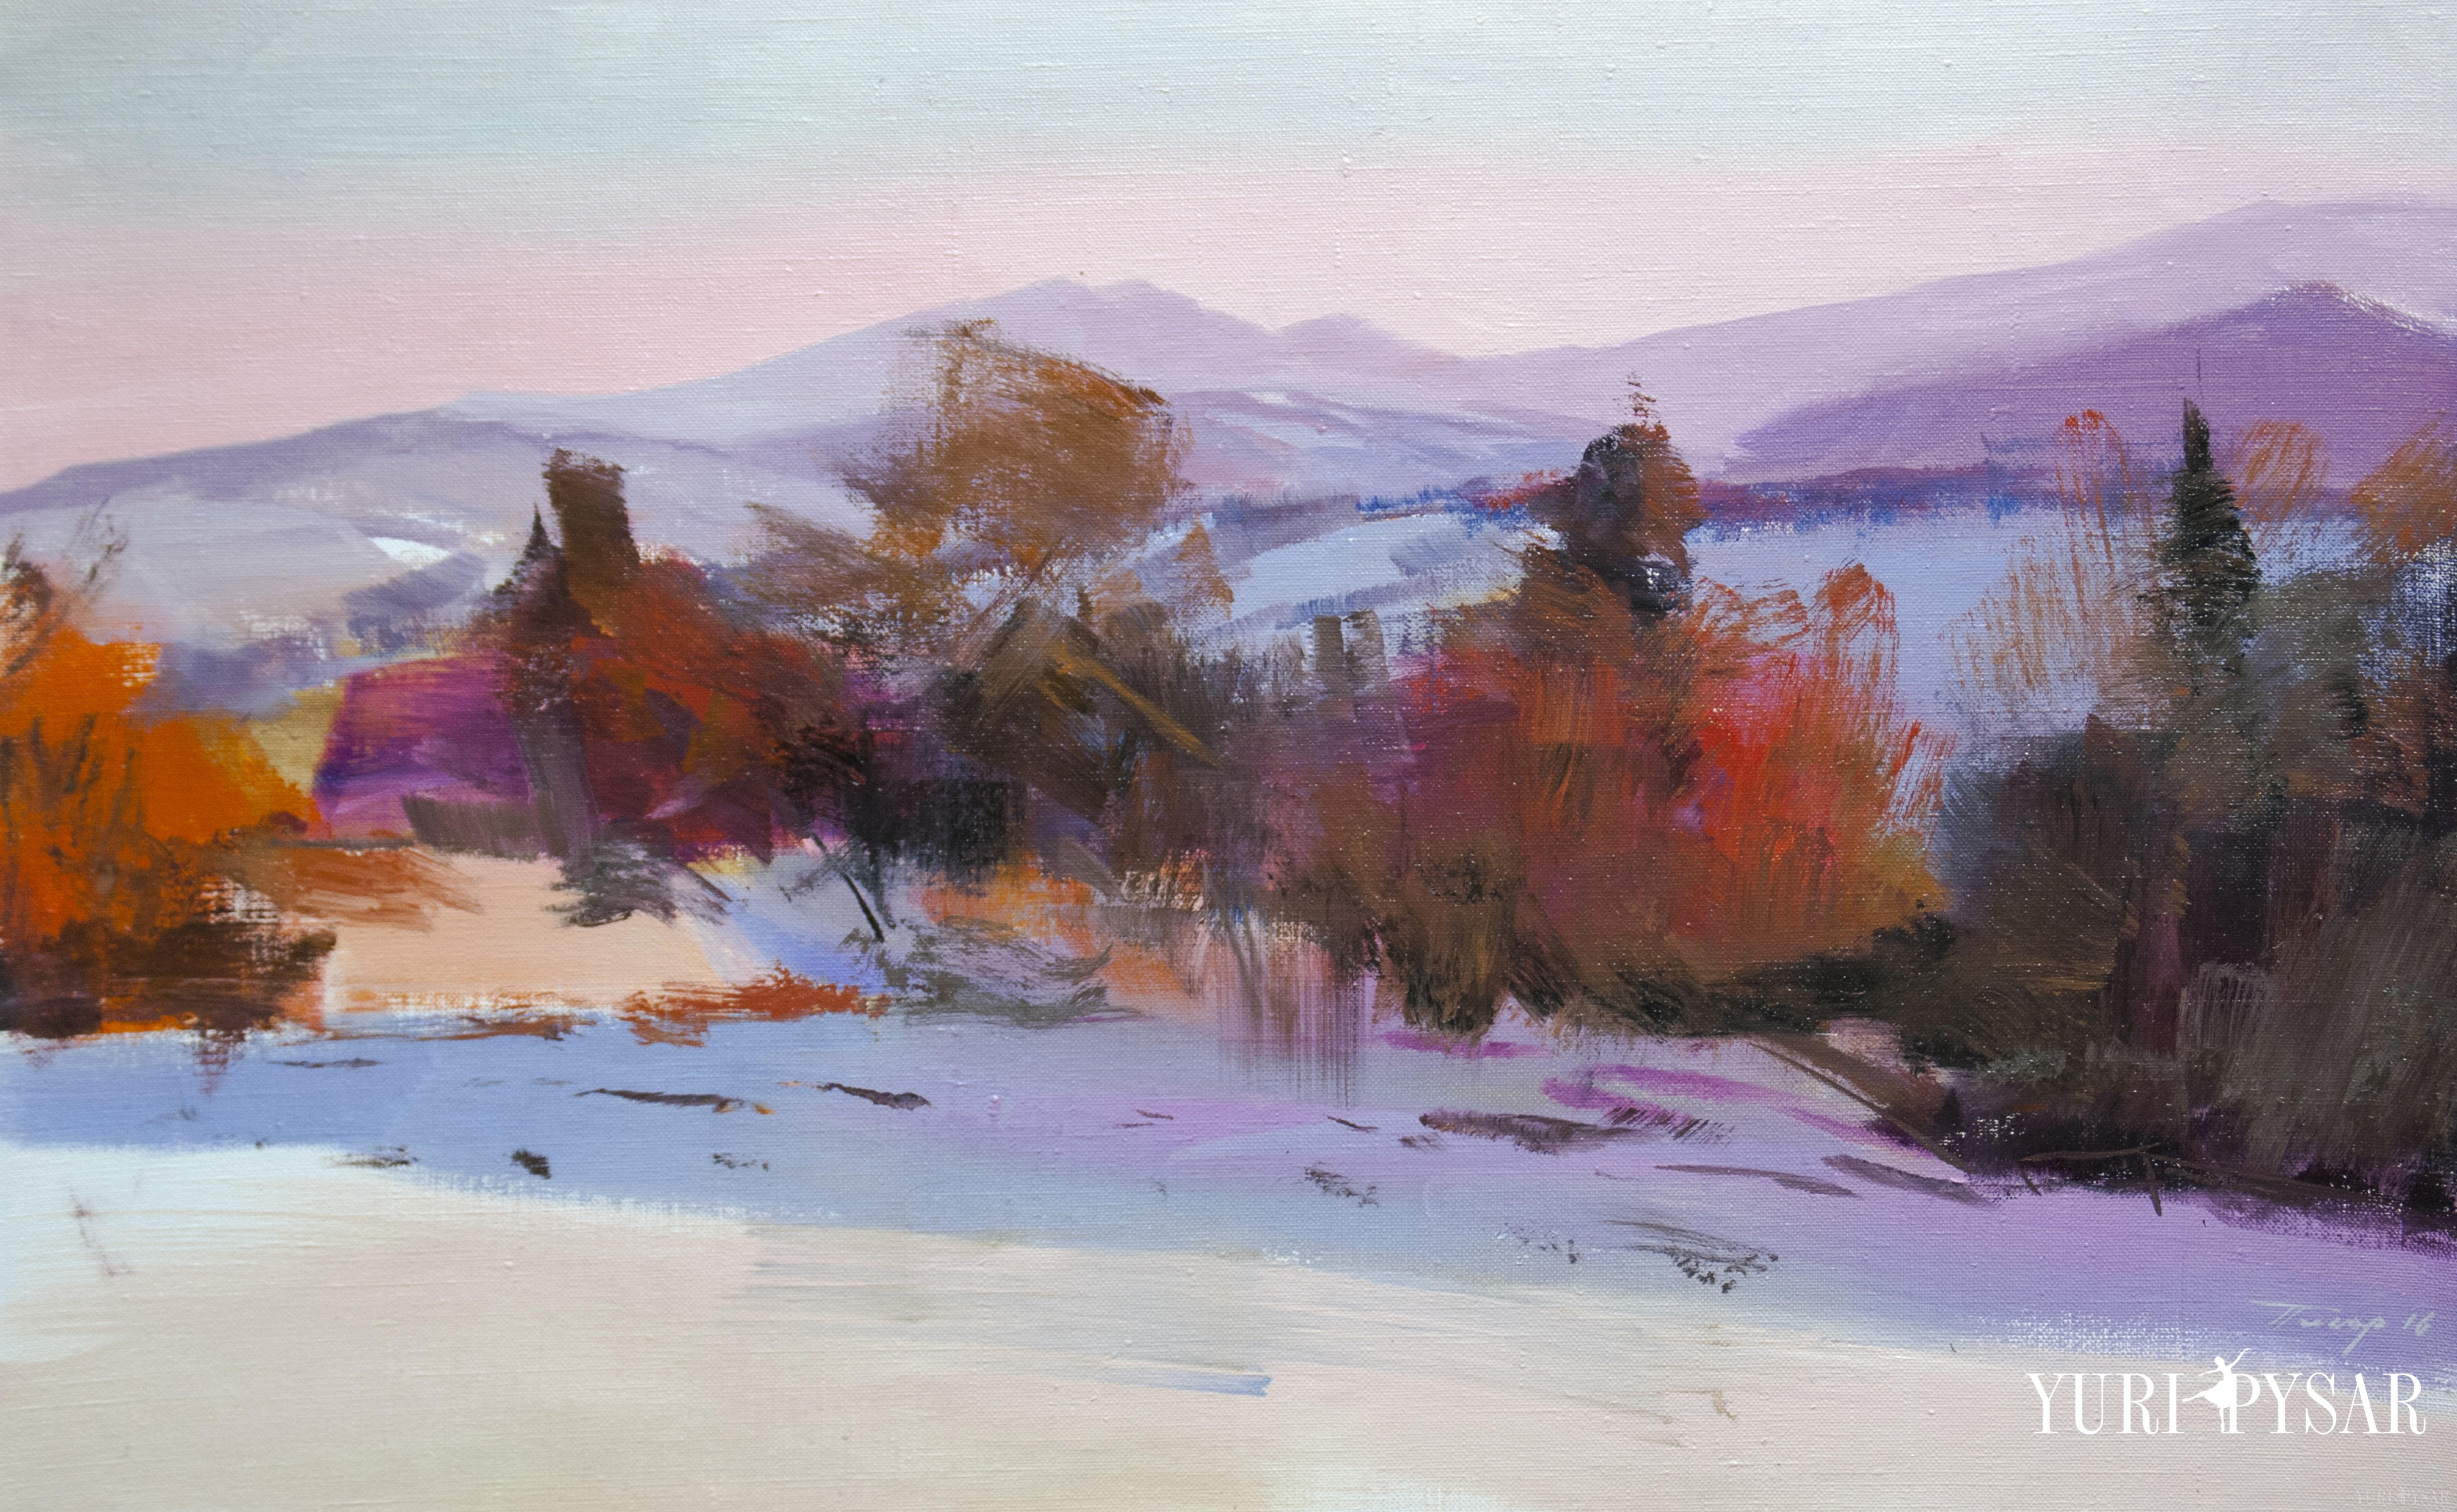 картина зимовий пейзаж на лейбові горі